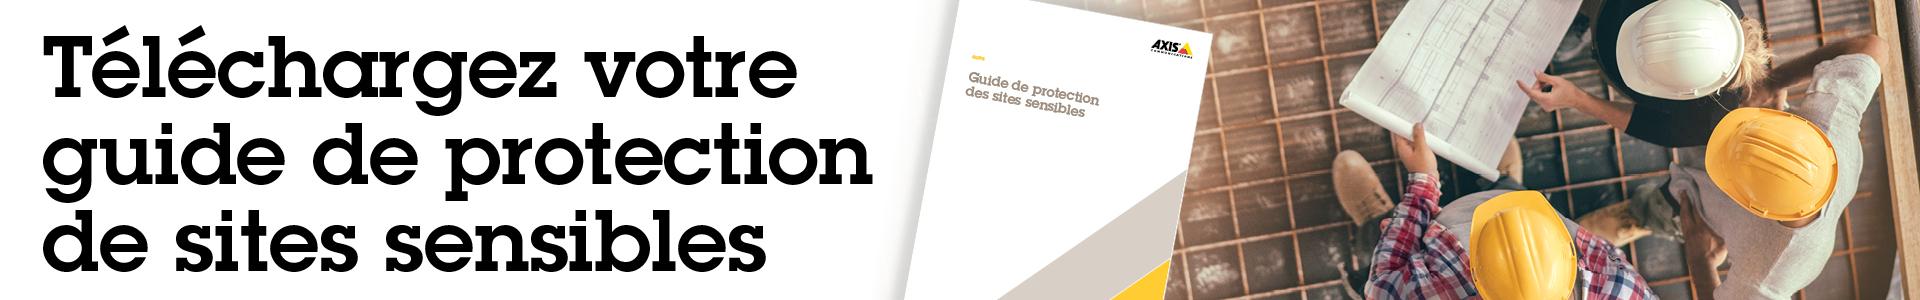 Bannière guide de protection